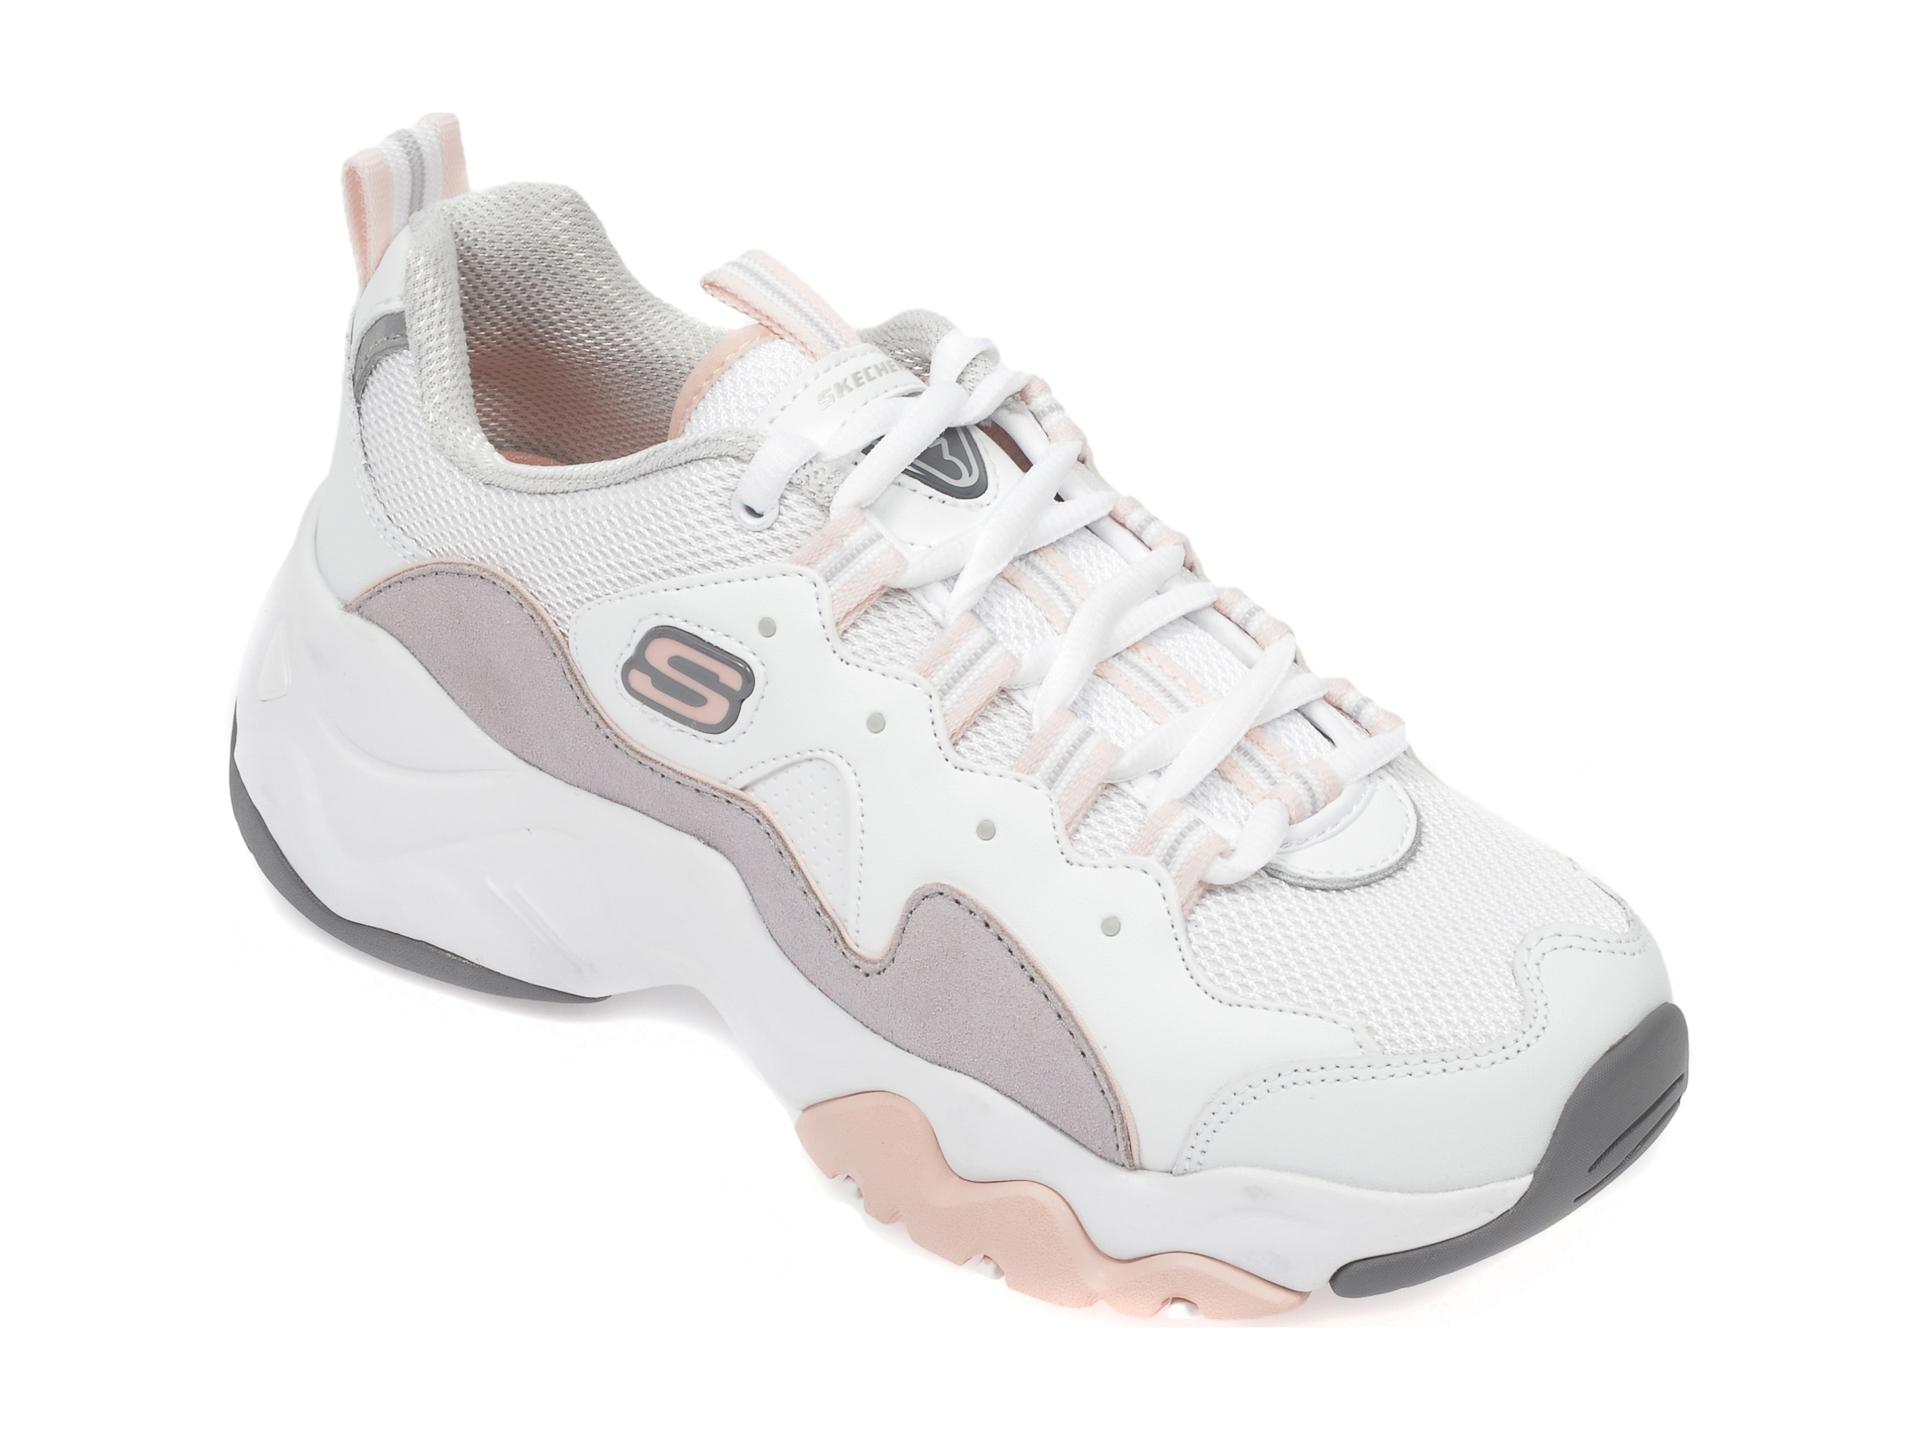 Pantofi sport SKECHERS albi, Dlites 3.0 Zenway, din piele naturala imagine